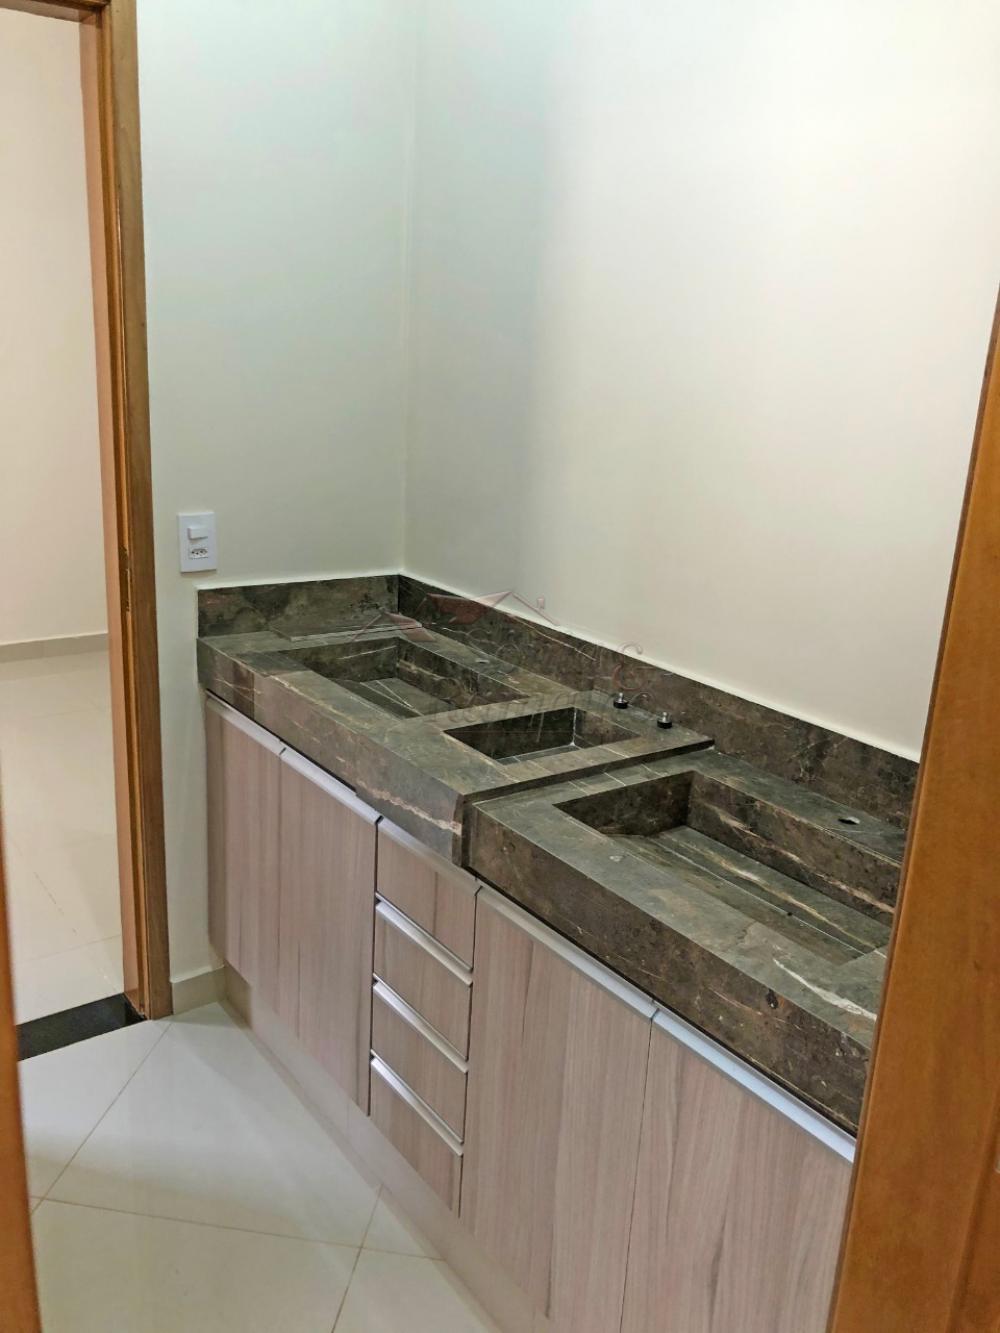 Comprar Casas / Condomínio em Ribeirão Preto apenas R$ 690.000,00 - Foto 9